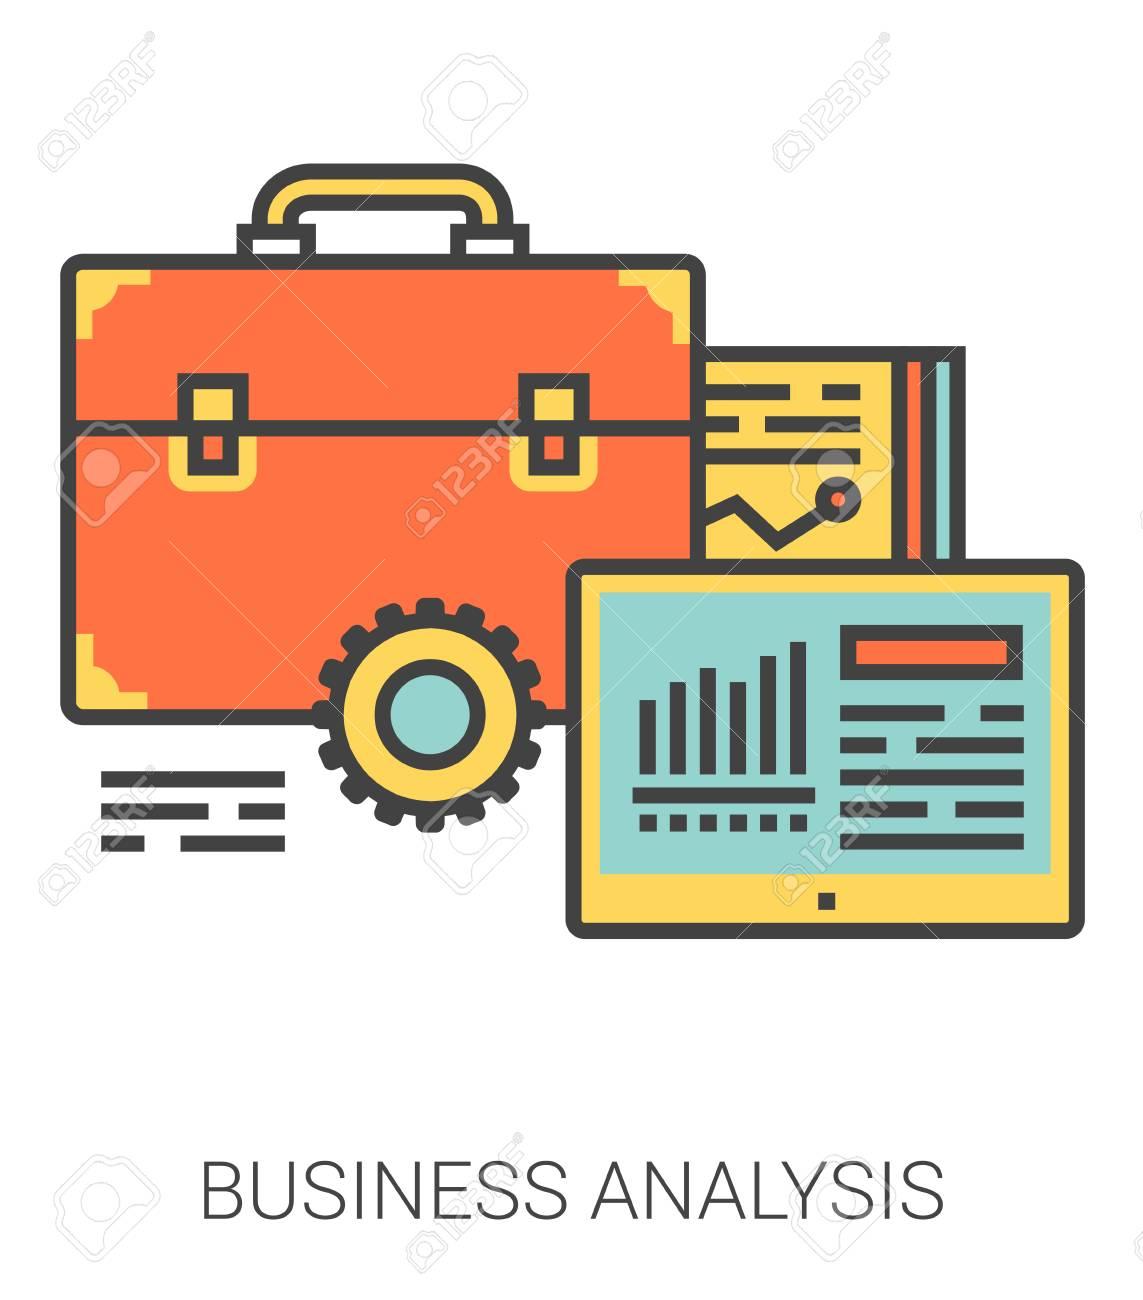 Metaphore D Infographie D Analyse Commerciale Avec Des Icones De